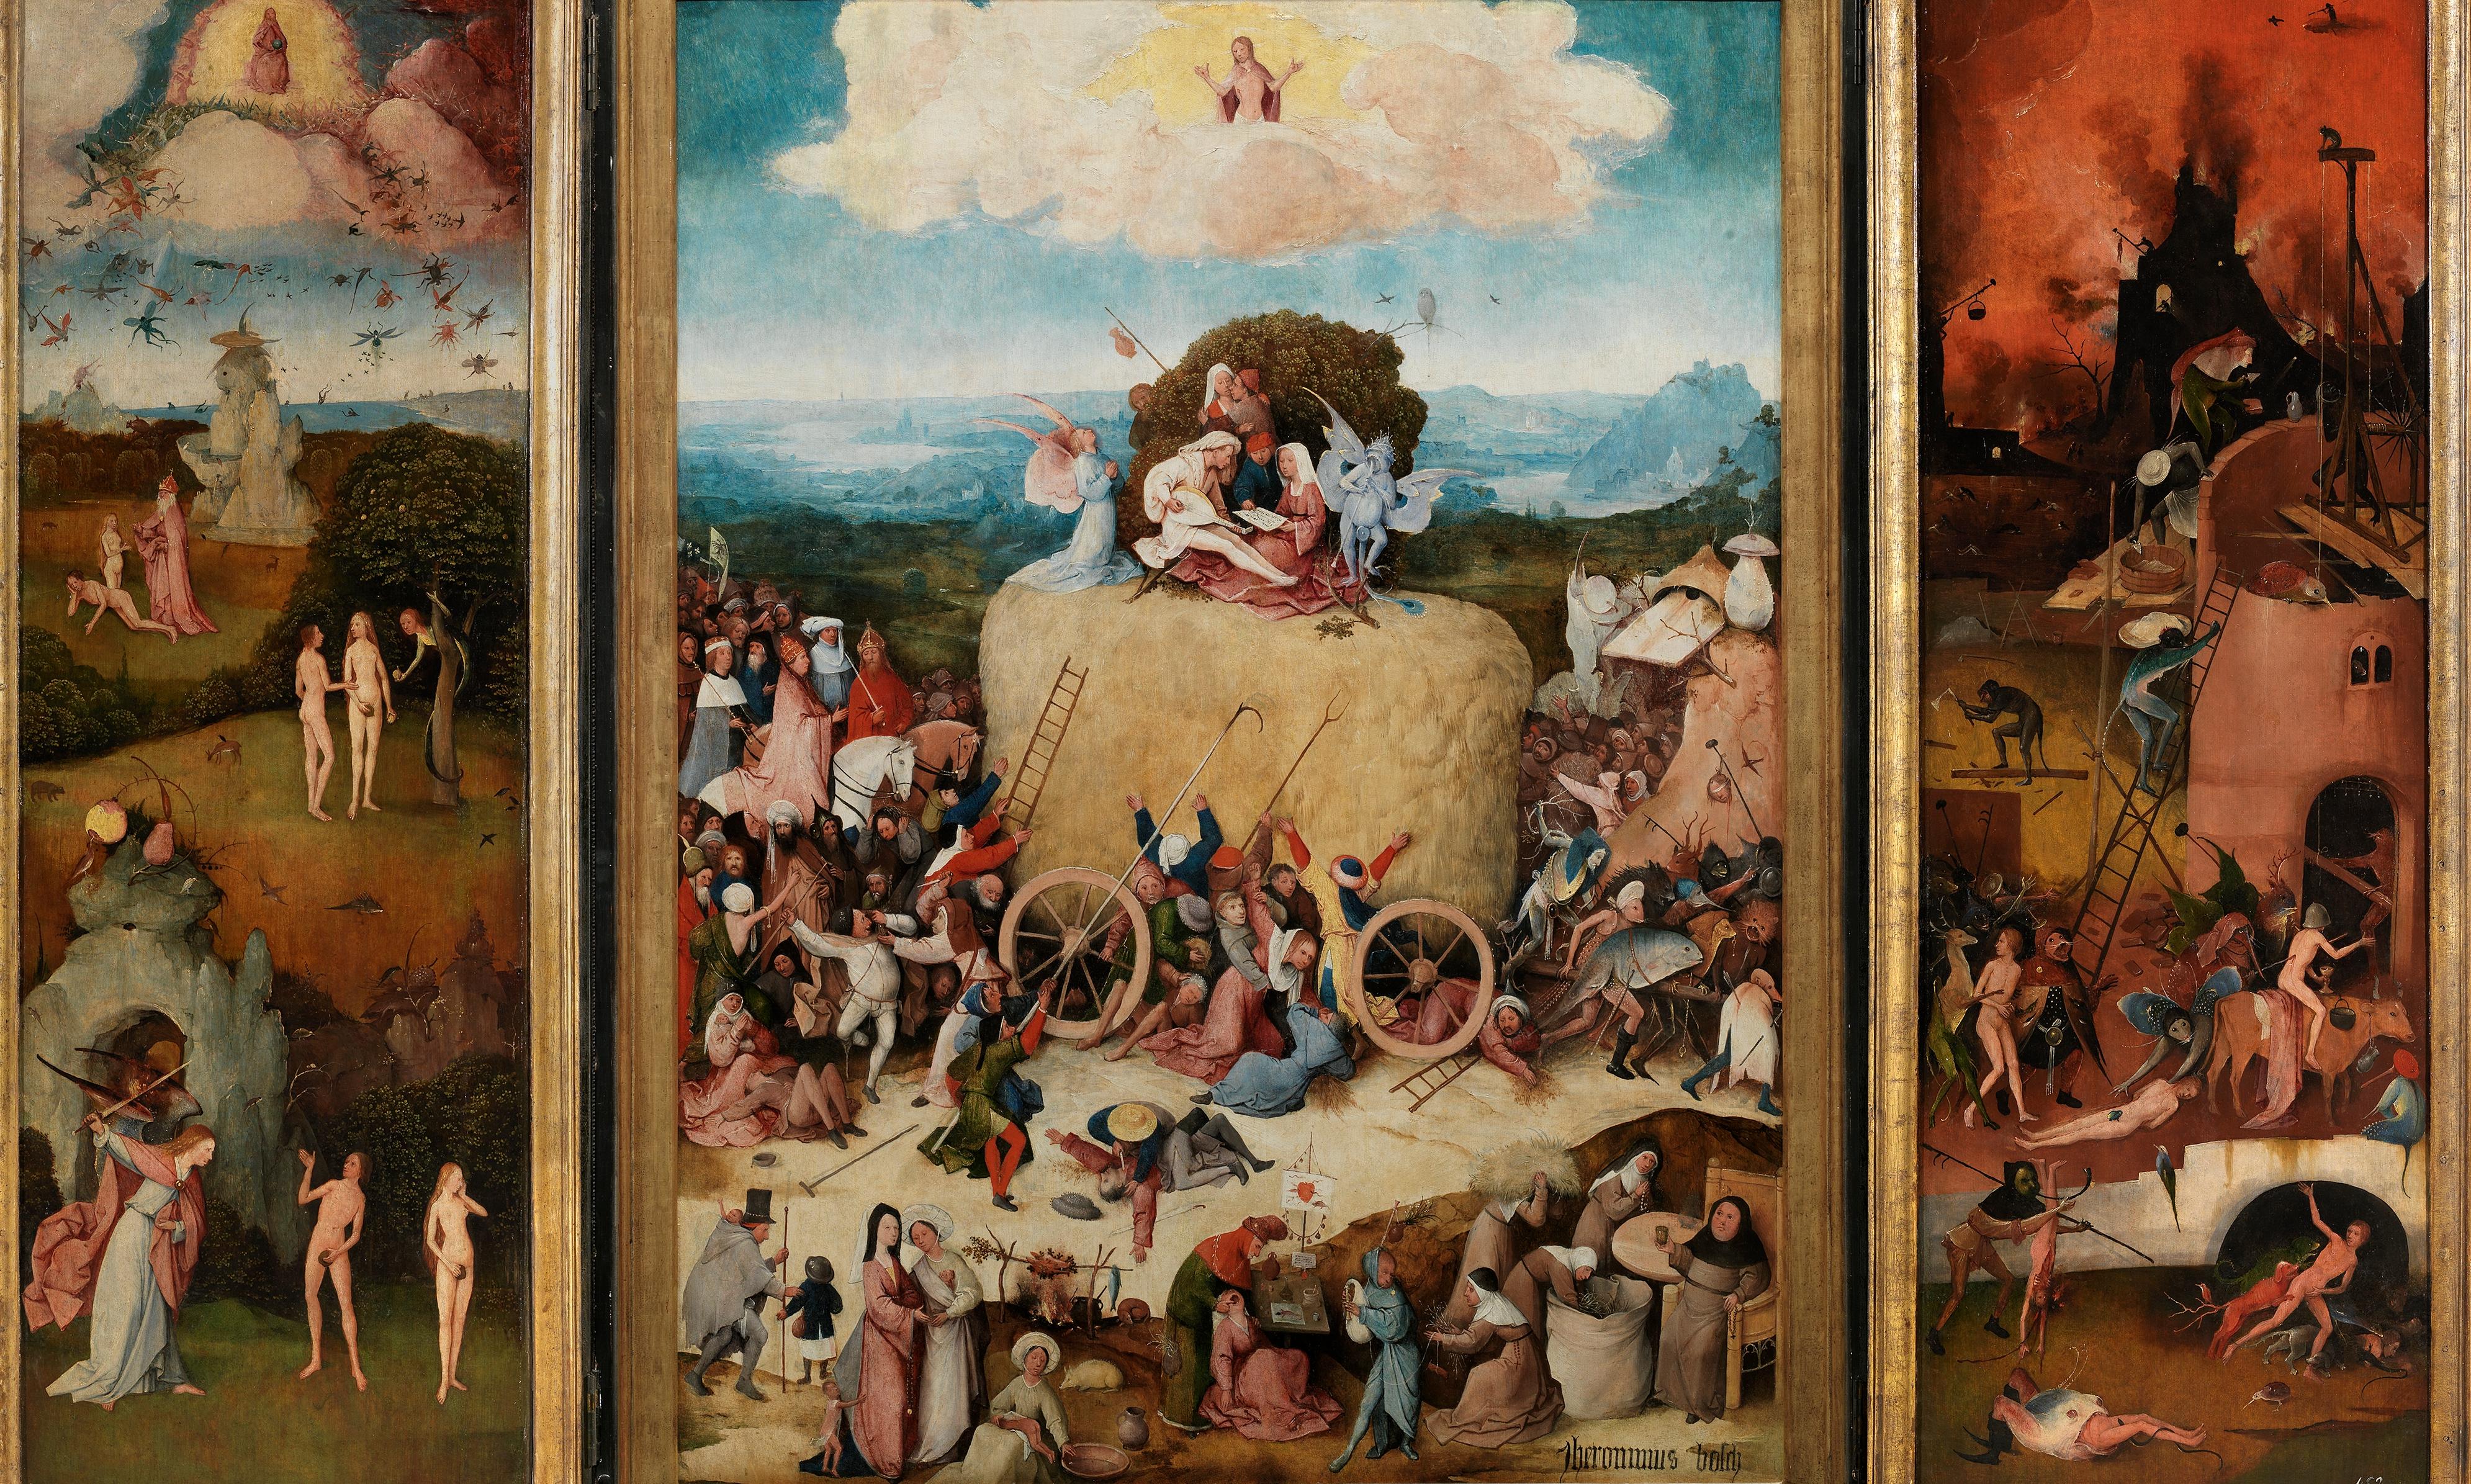 El carro del heno, de Hieronymus Bosch, El Bosco.